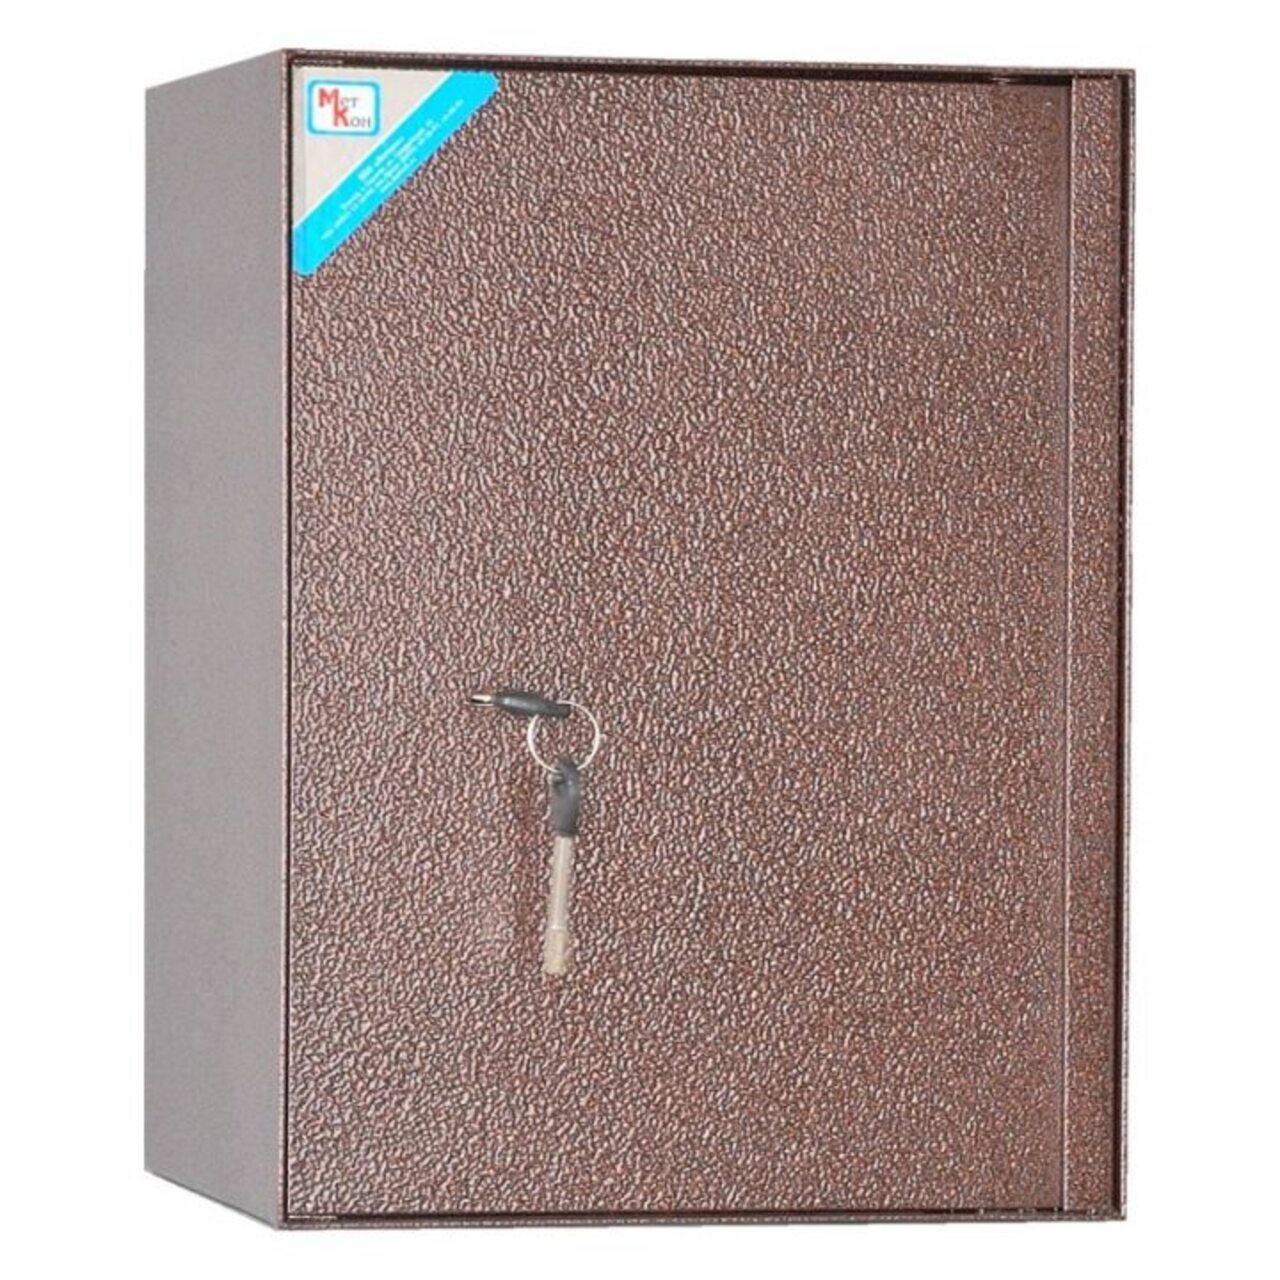 Шкаф мебельный ШМ-5К - фото 1